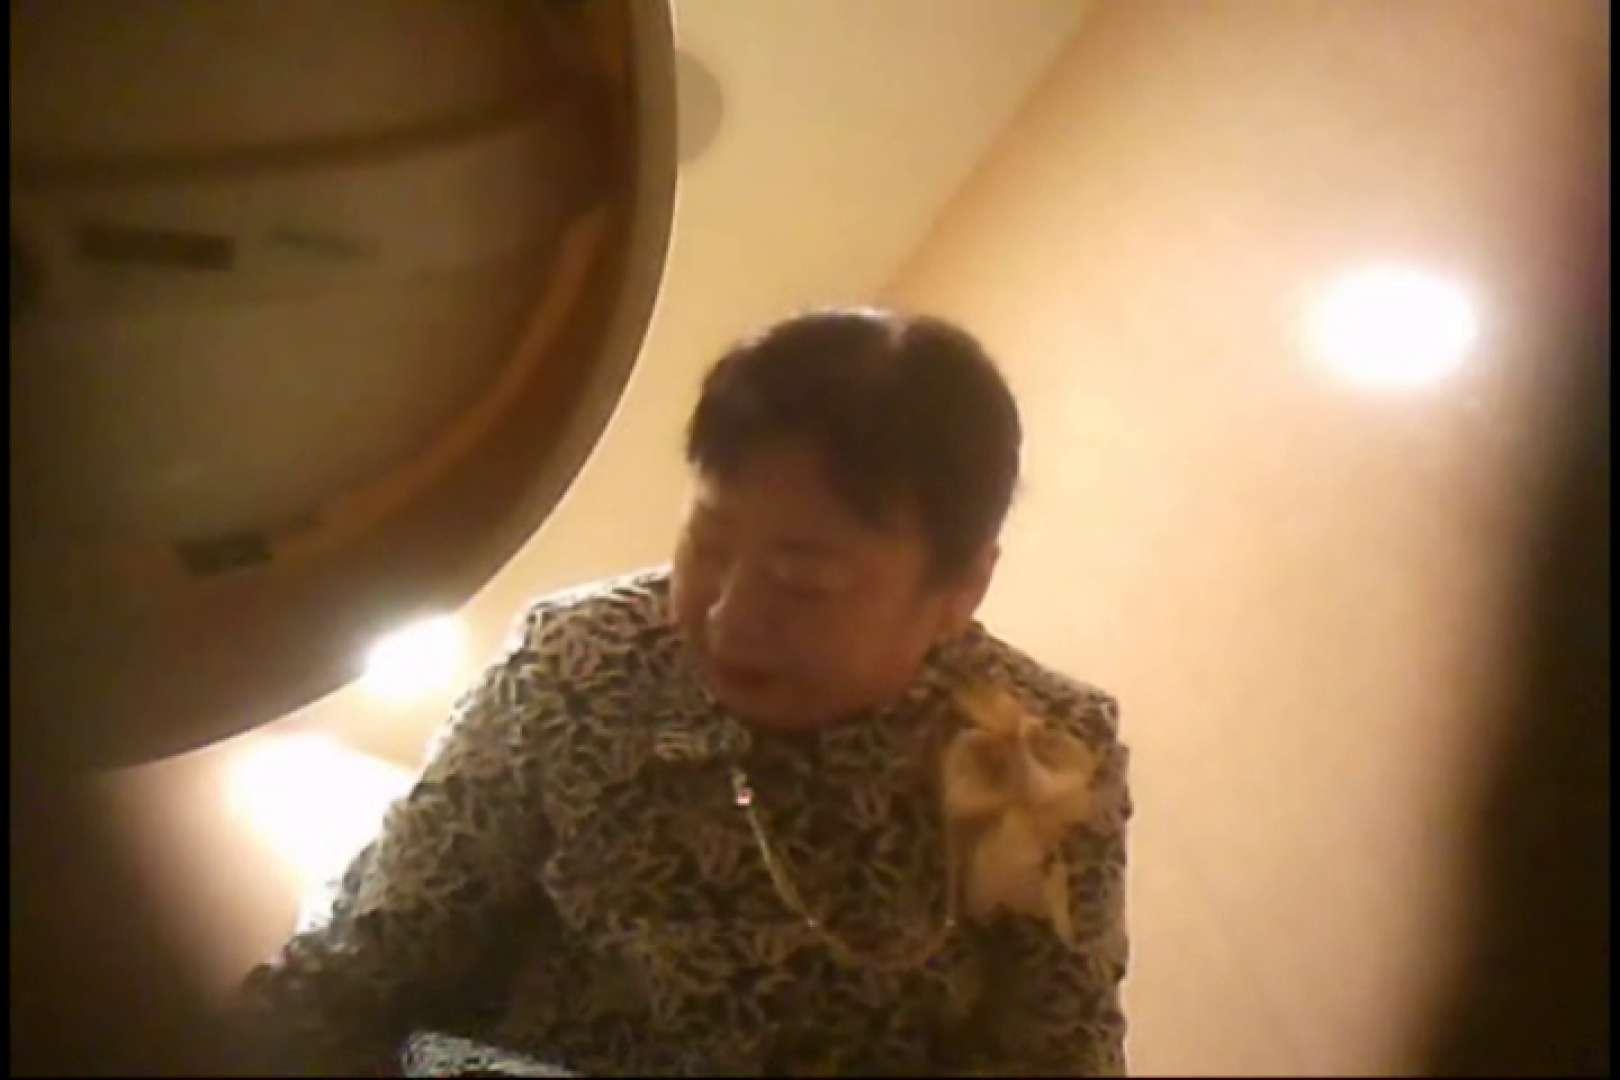 潜入!!女子化粧室盗撮~絶対見られたくない時間~vo,104 熟女 AV動画キャプチャ 56画像 3